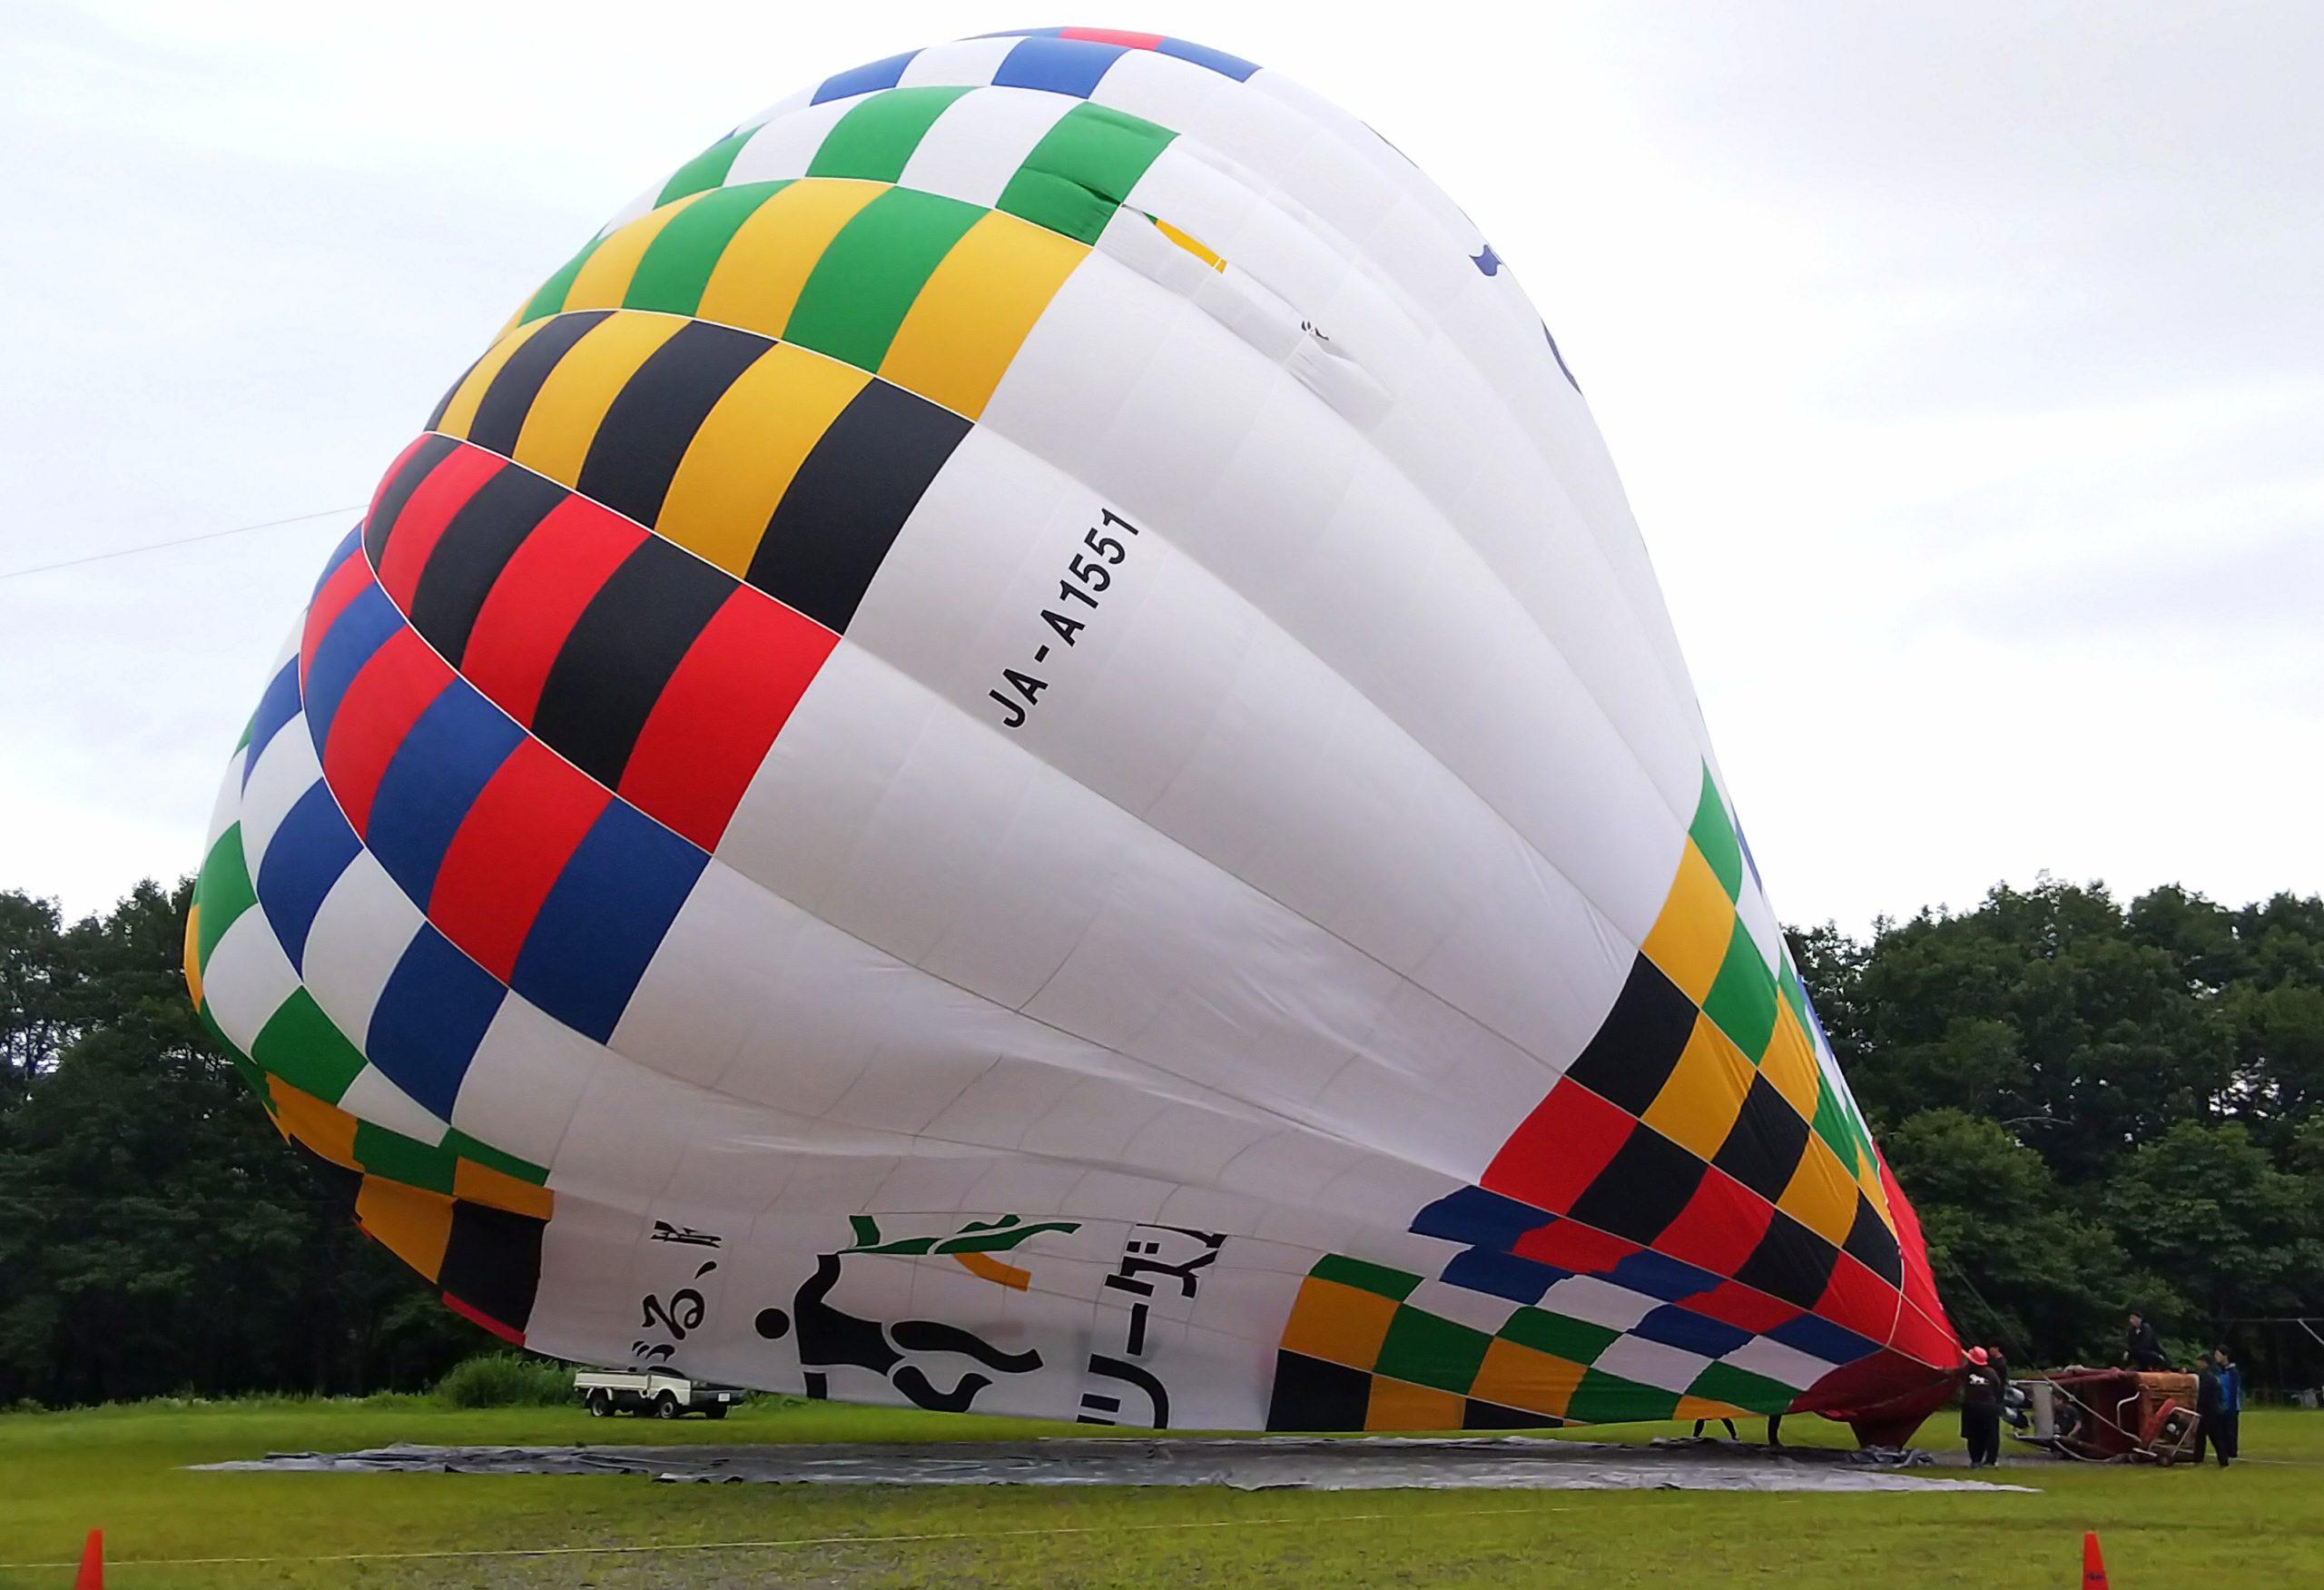 熱気球体験で上空30mに浮遊した感想